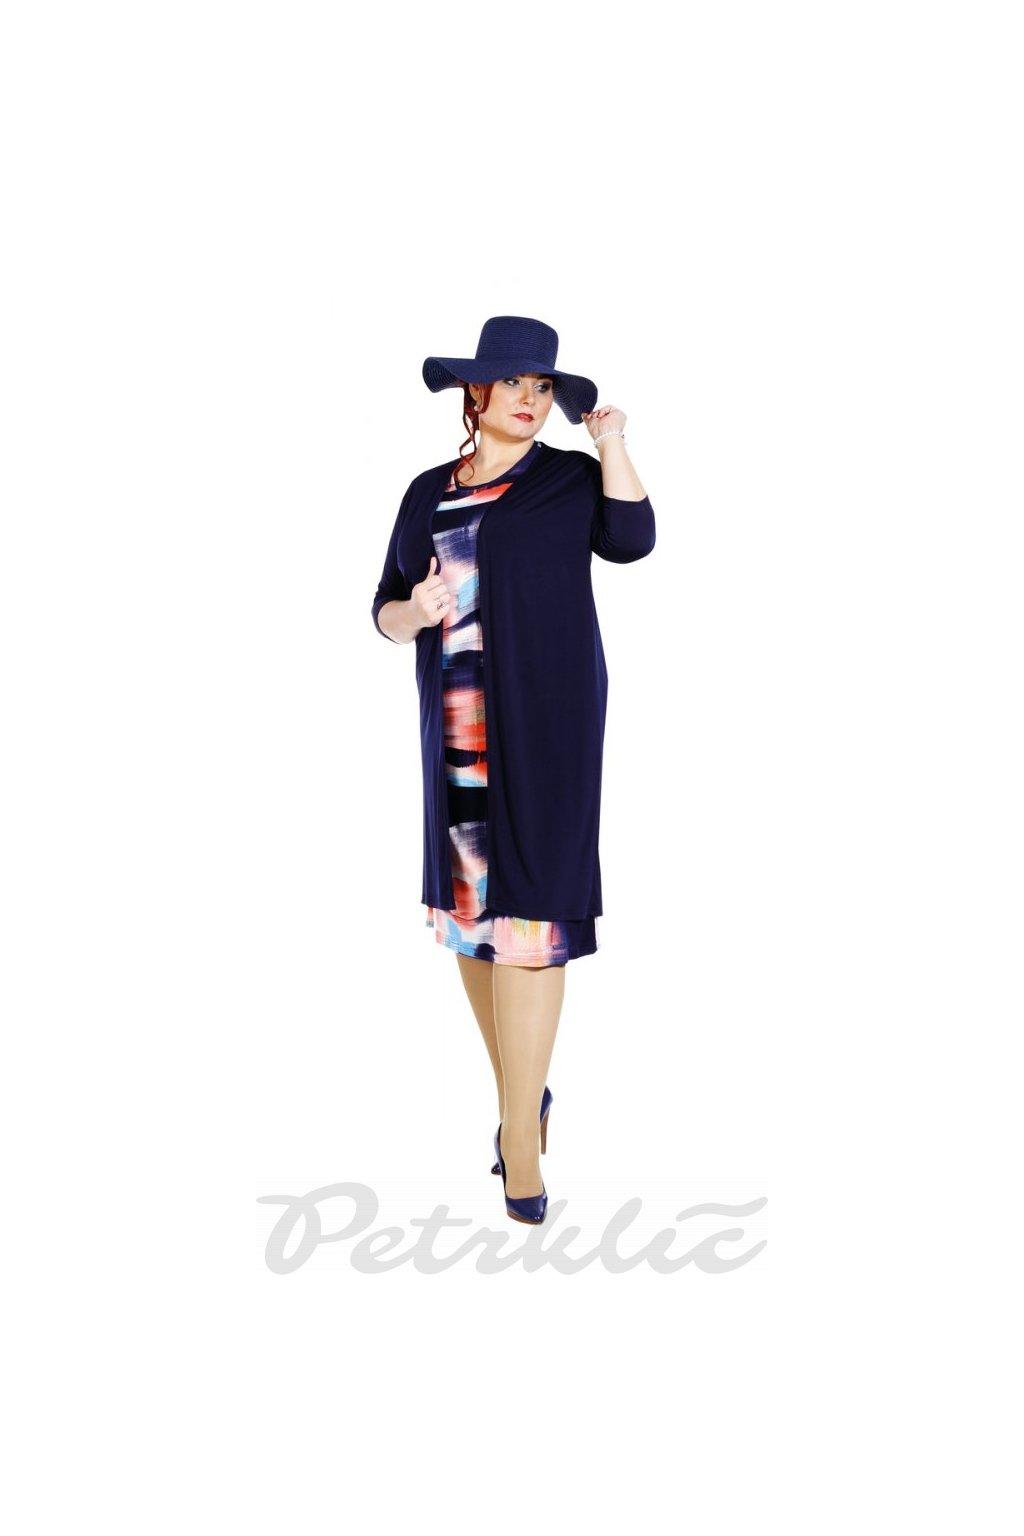 TOMÁŠ - kabátek 90 - 95 cm